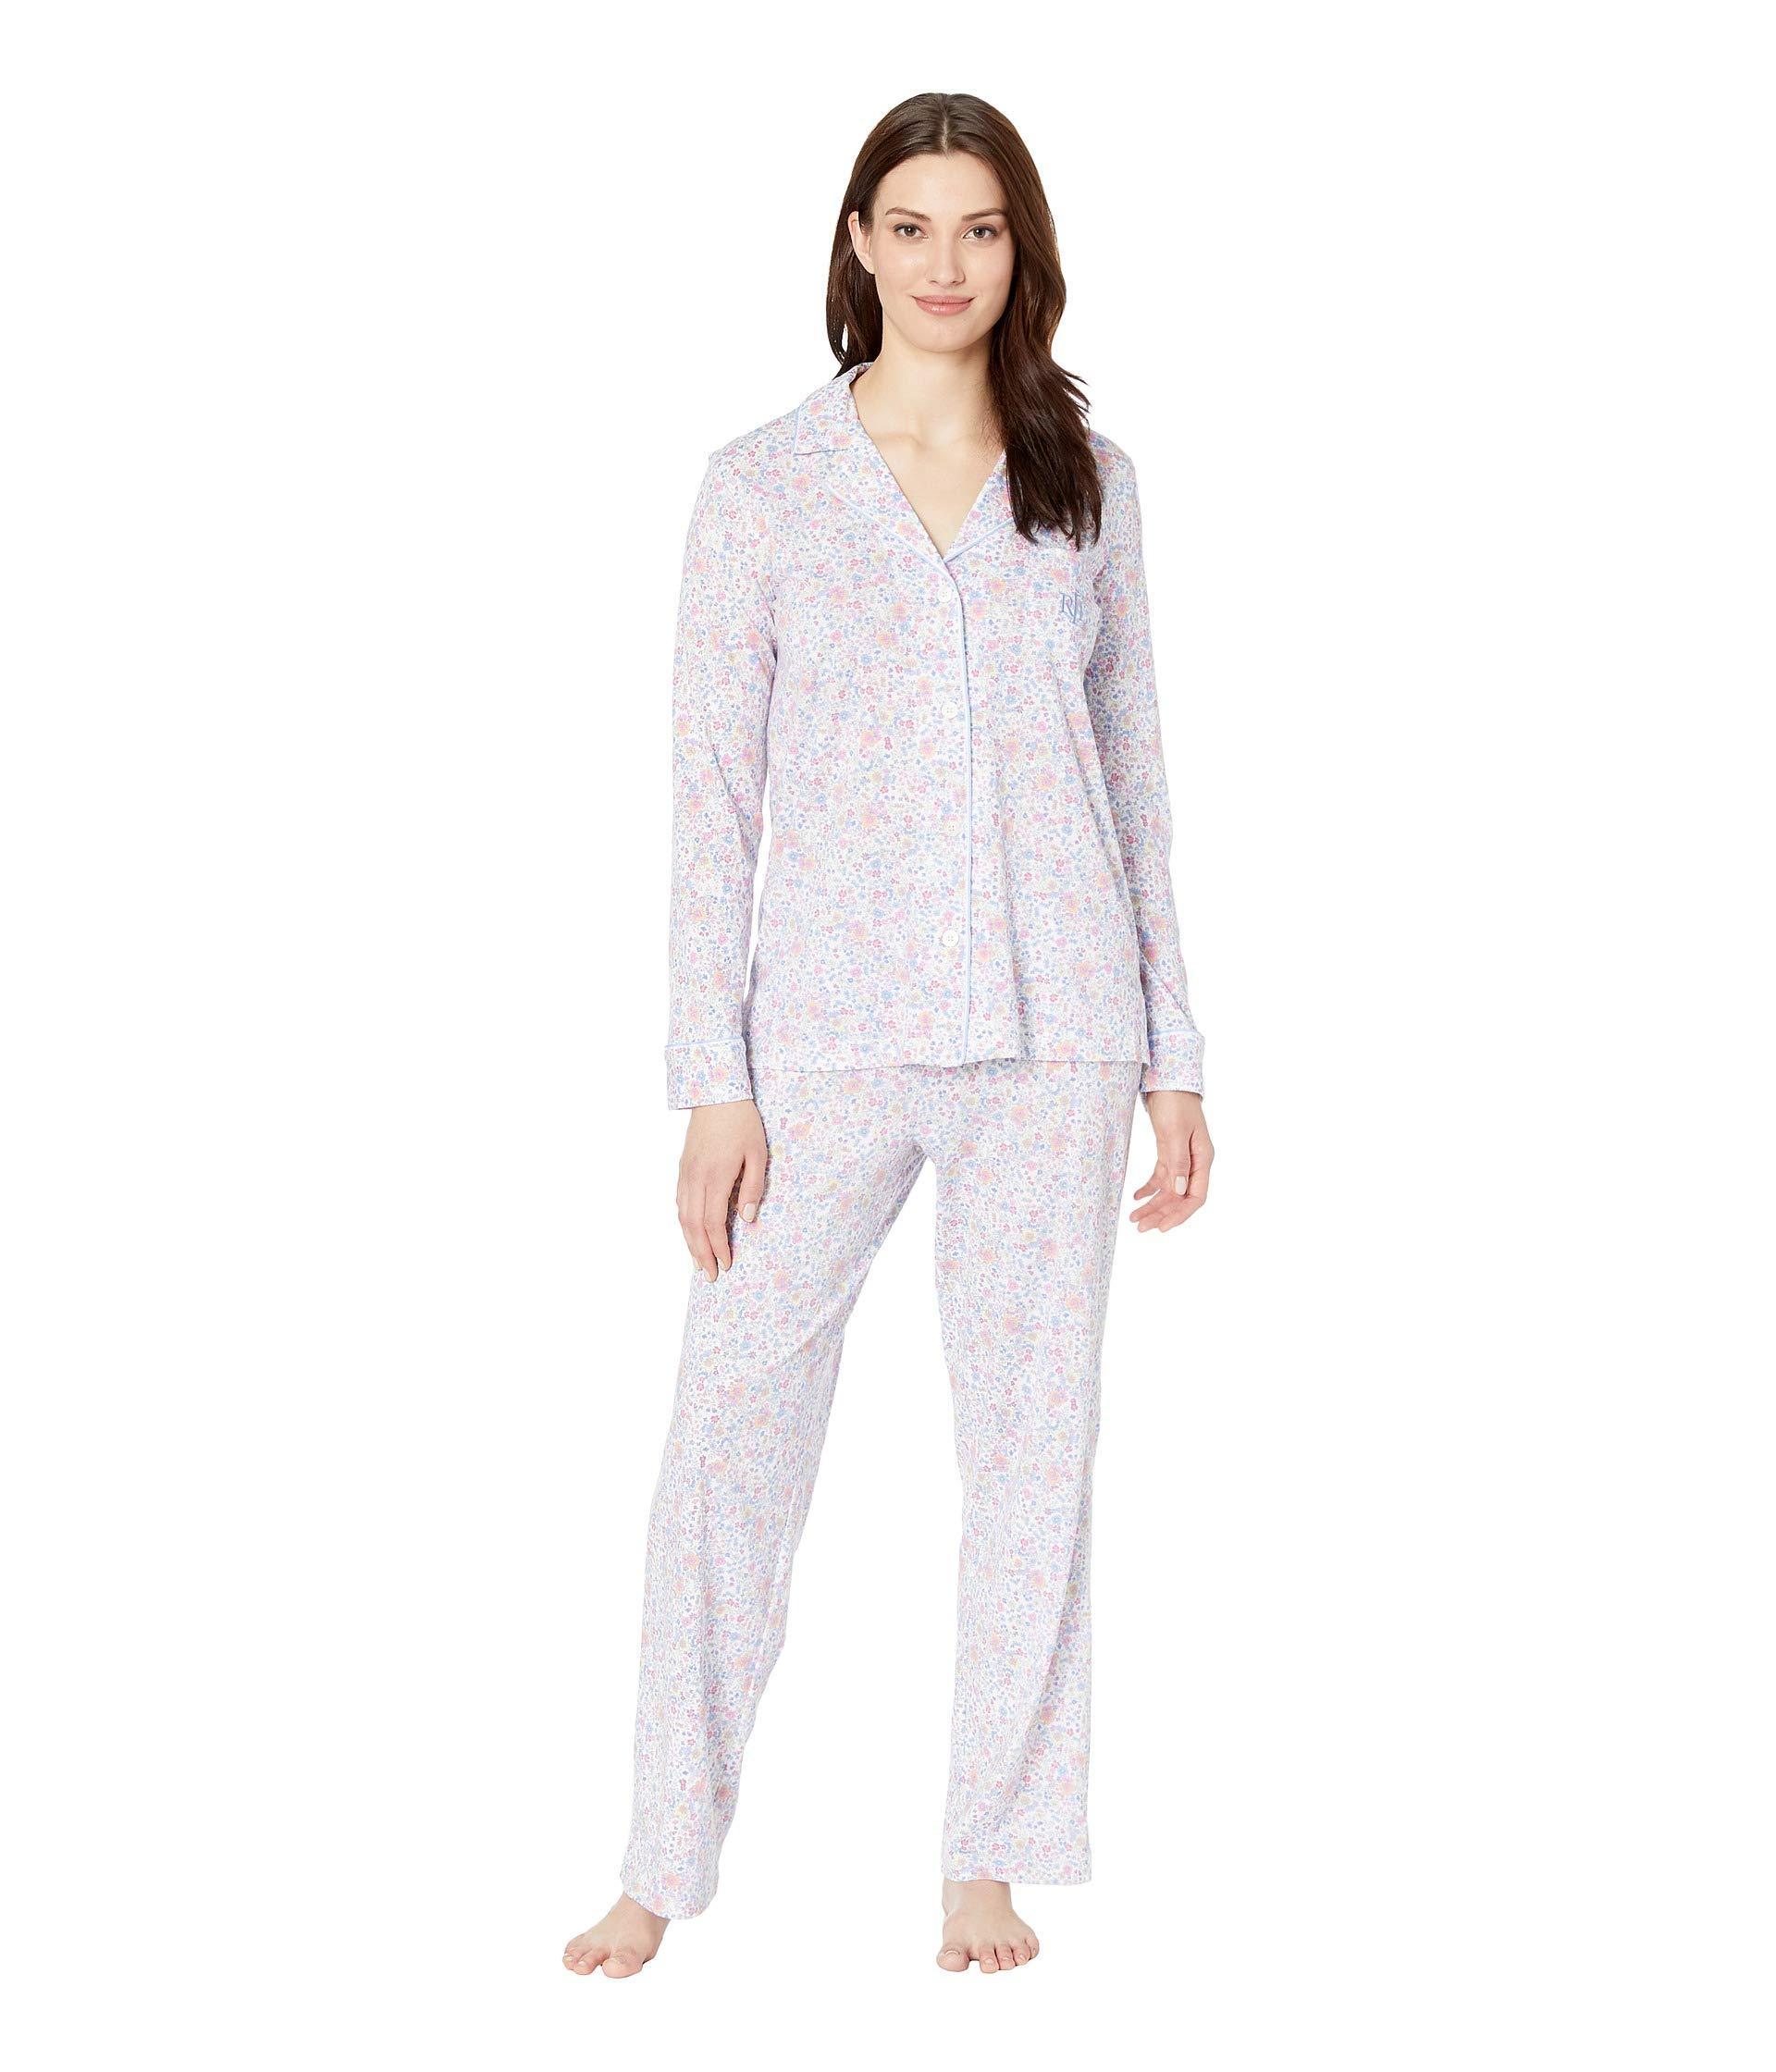 a21a490d Lyst - Lauren by Ralph Lauren Knit Notch Collar Pajama Set (multi ...